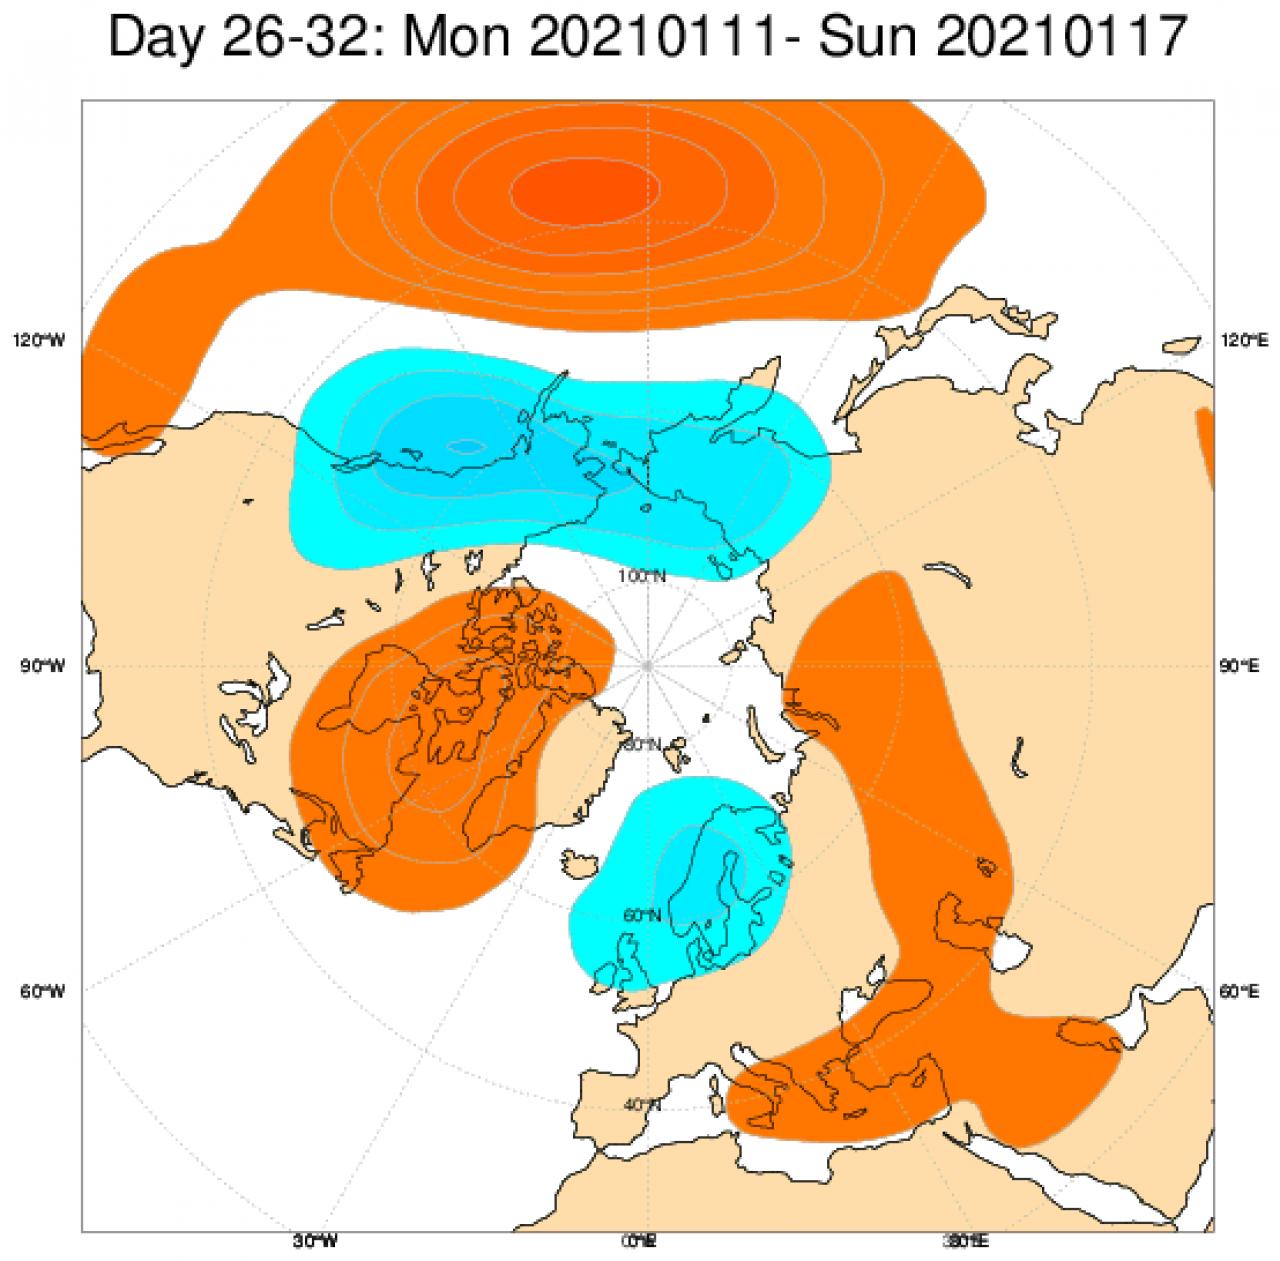 Le anomalie di geopotenziale secondo il modello ECMWF in Europa, mediate nel periodo 11 - 17 gennaio